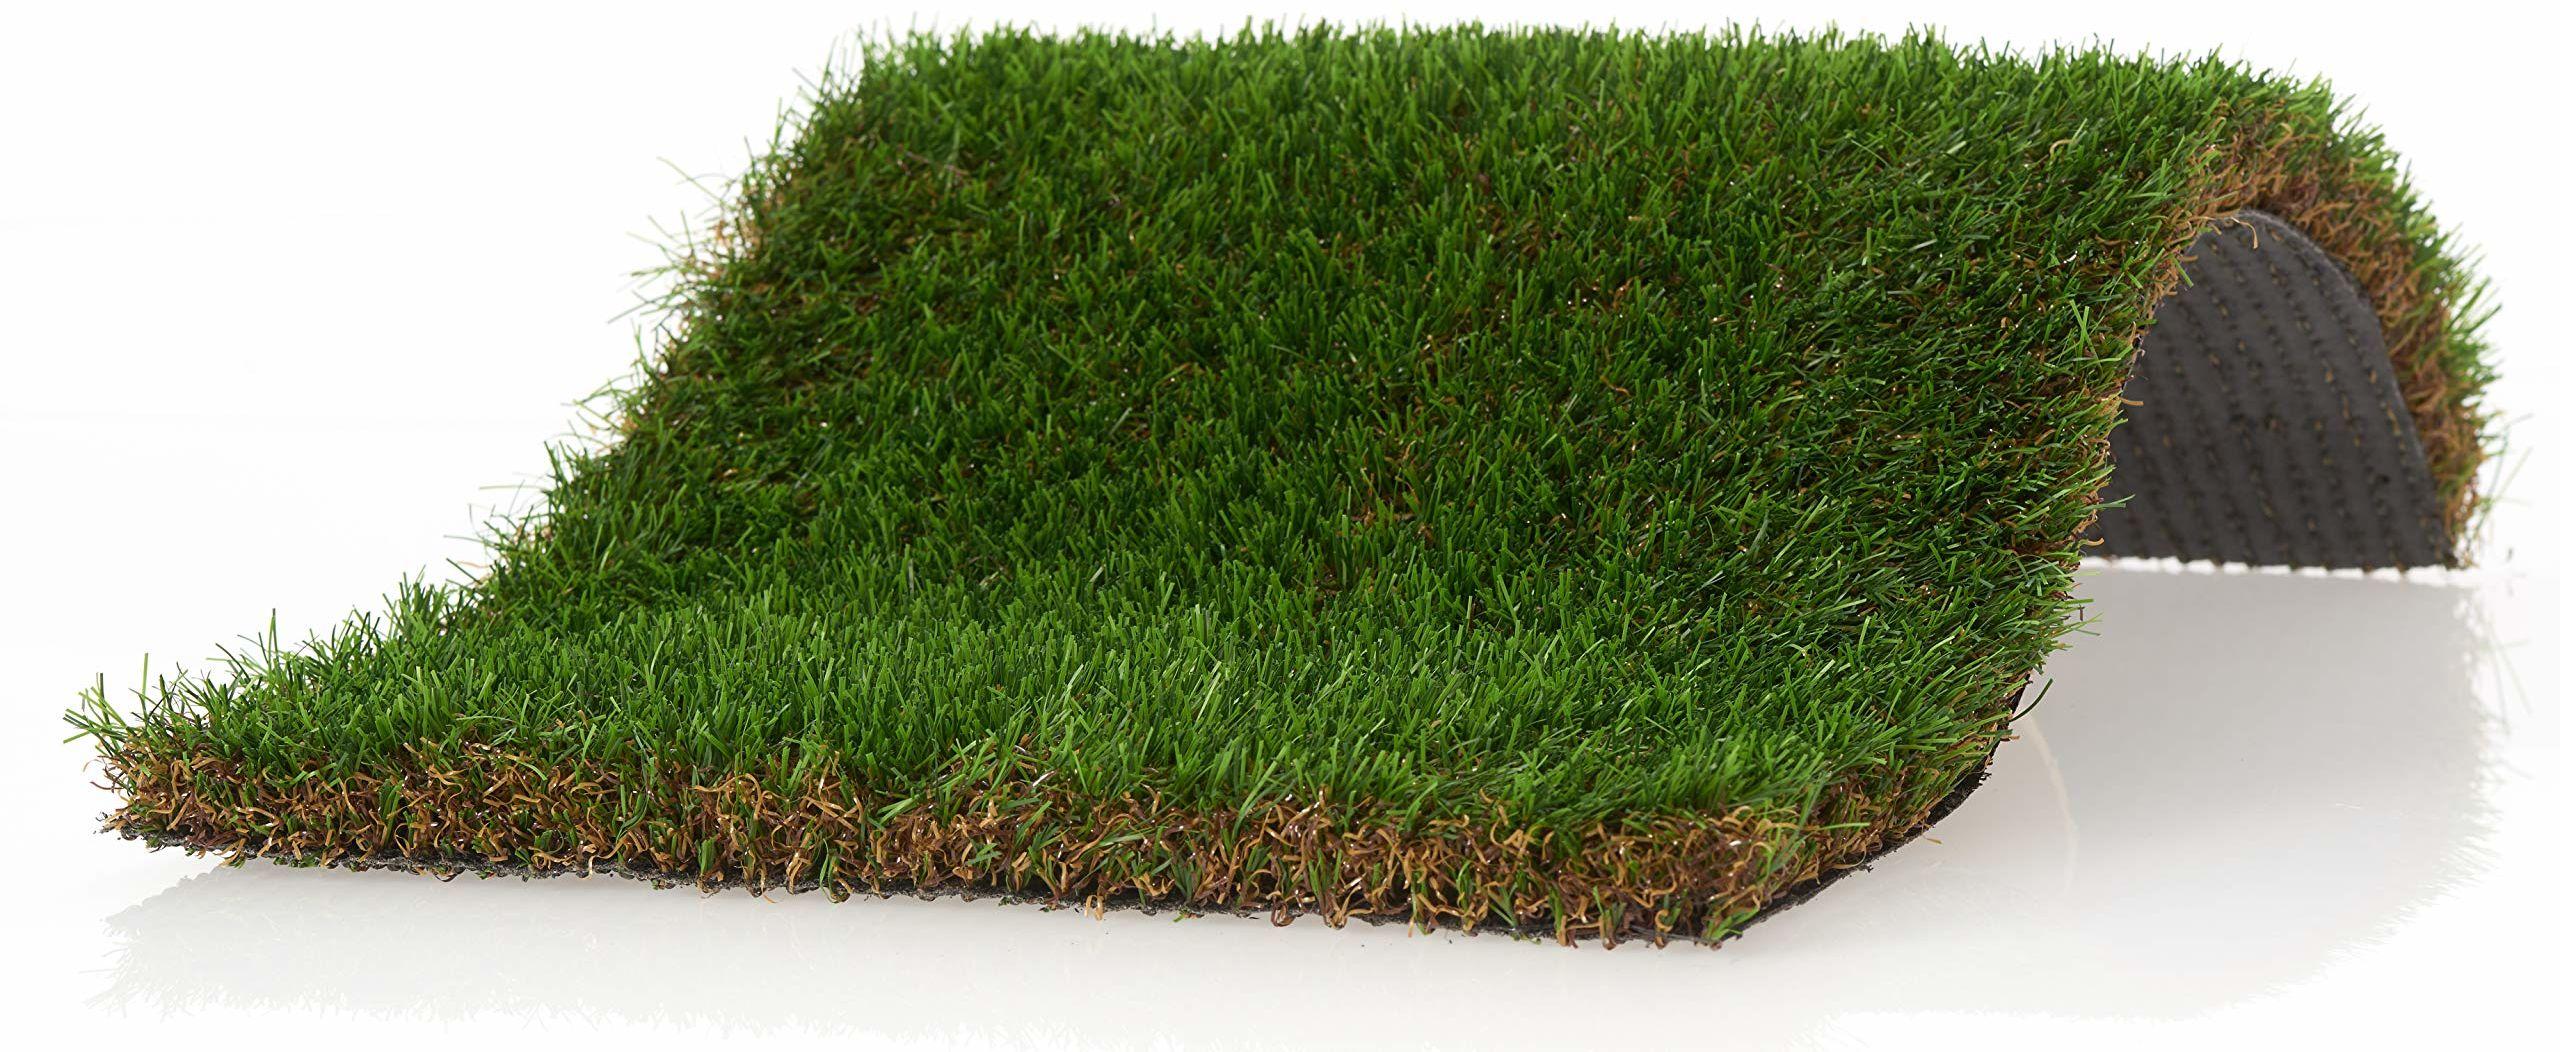 Organic select1-4 sztuczna trawa, polietylen, zielony, 4 m x 1 m